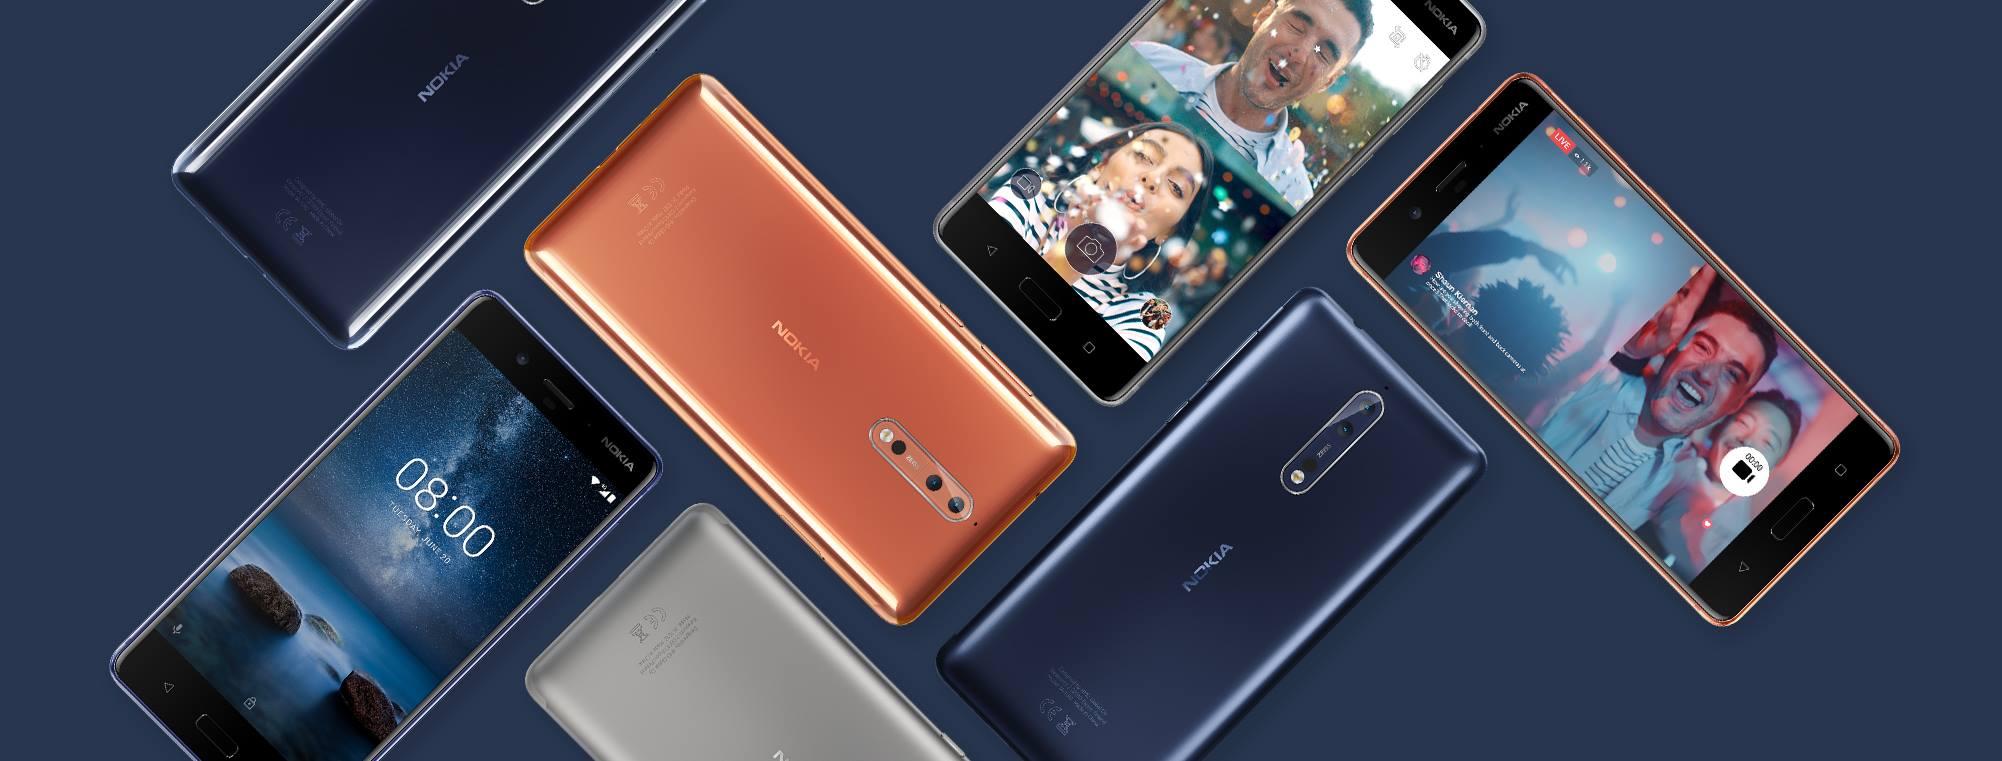 Nokia : comment suivre la conférence du MWC 2018 en direct live